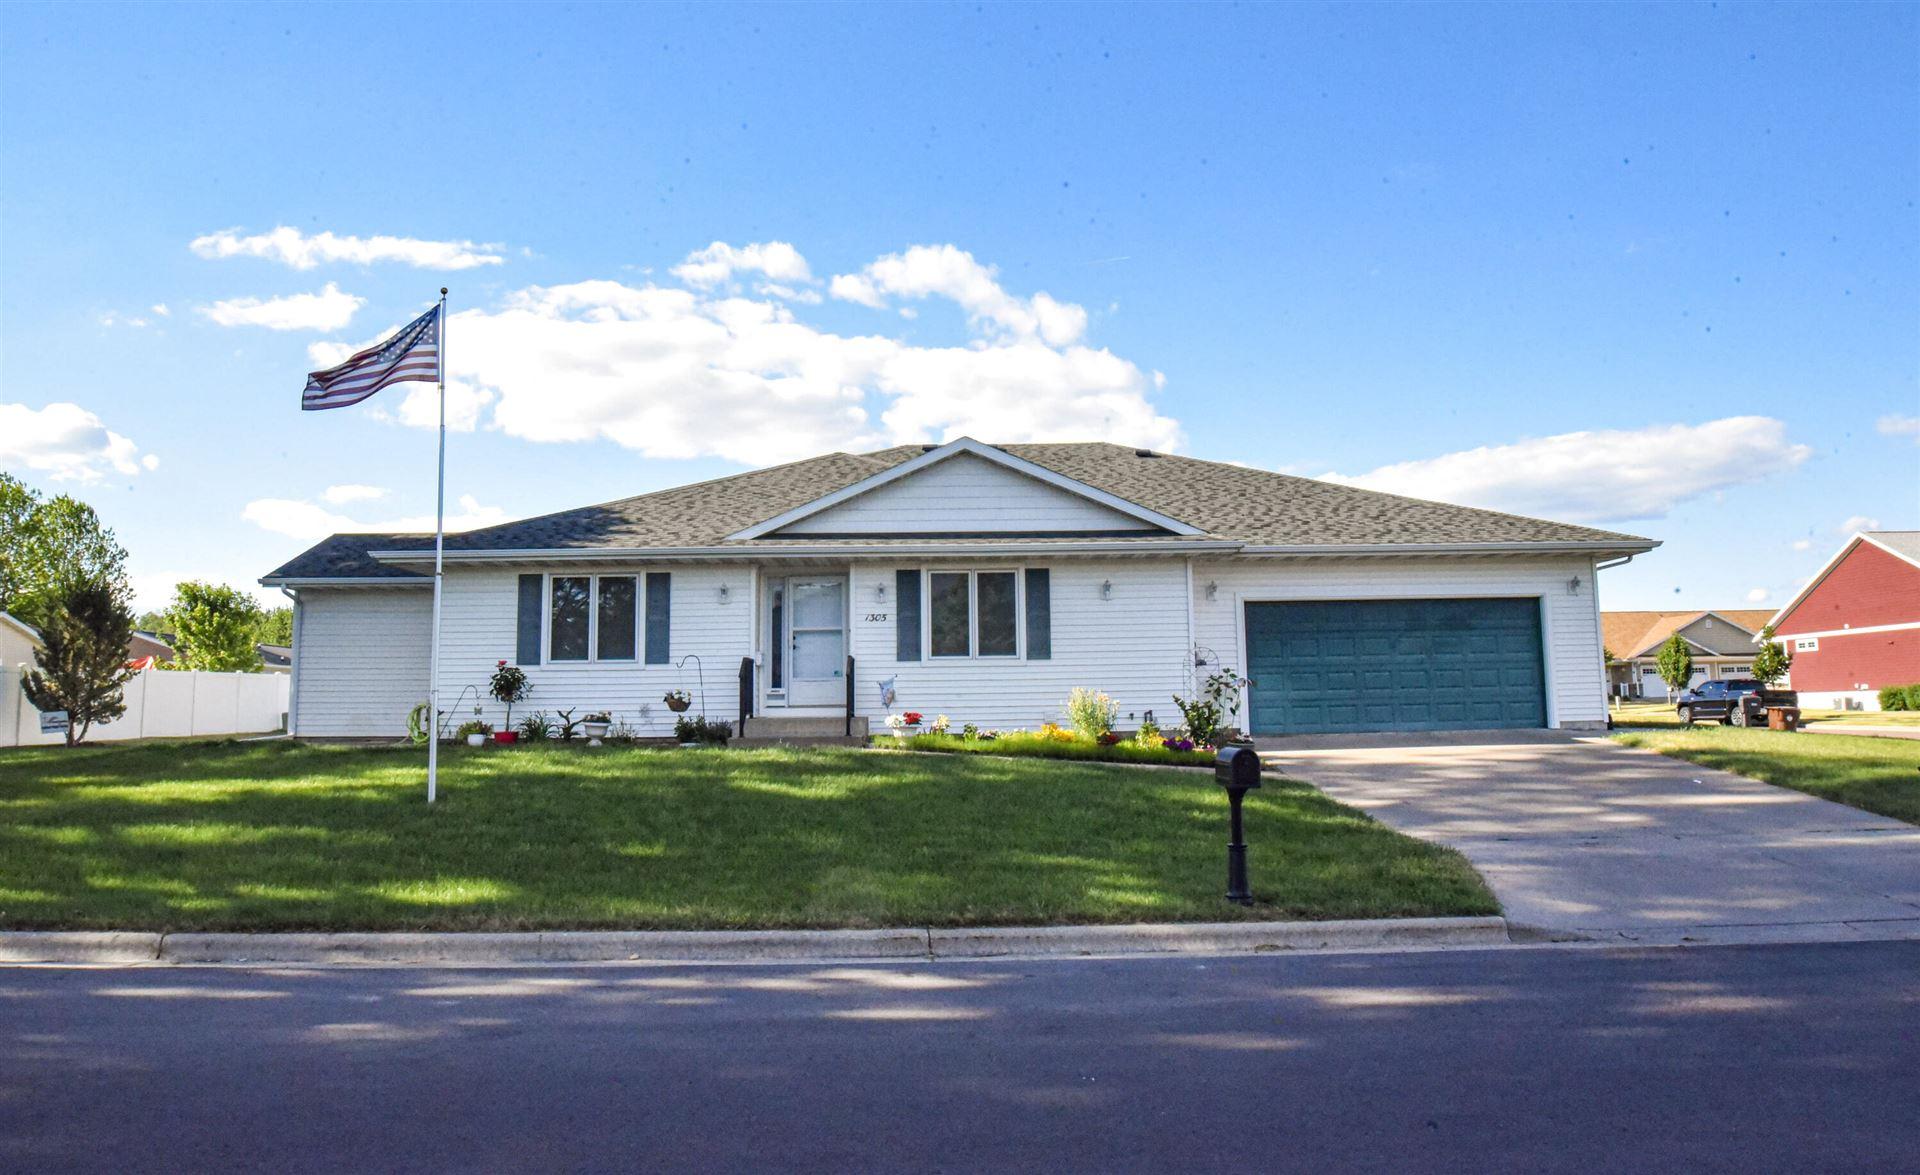 1305 Pinecrest Ln, Onalaska, WI 54650 - MLS#: 1747176